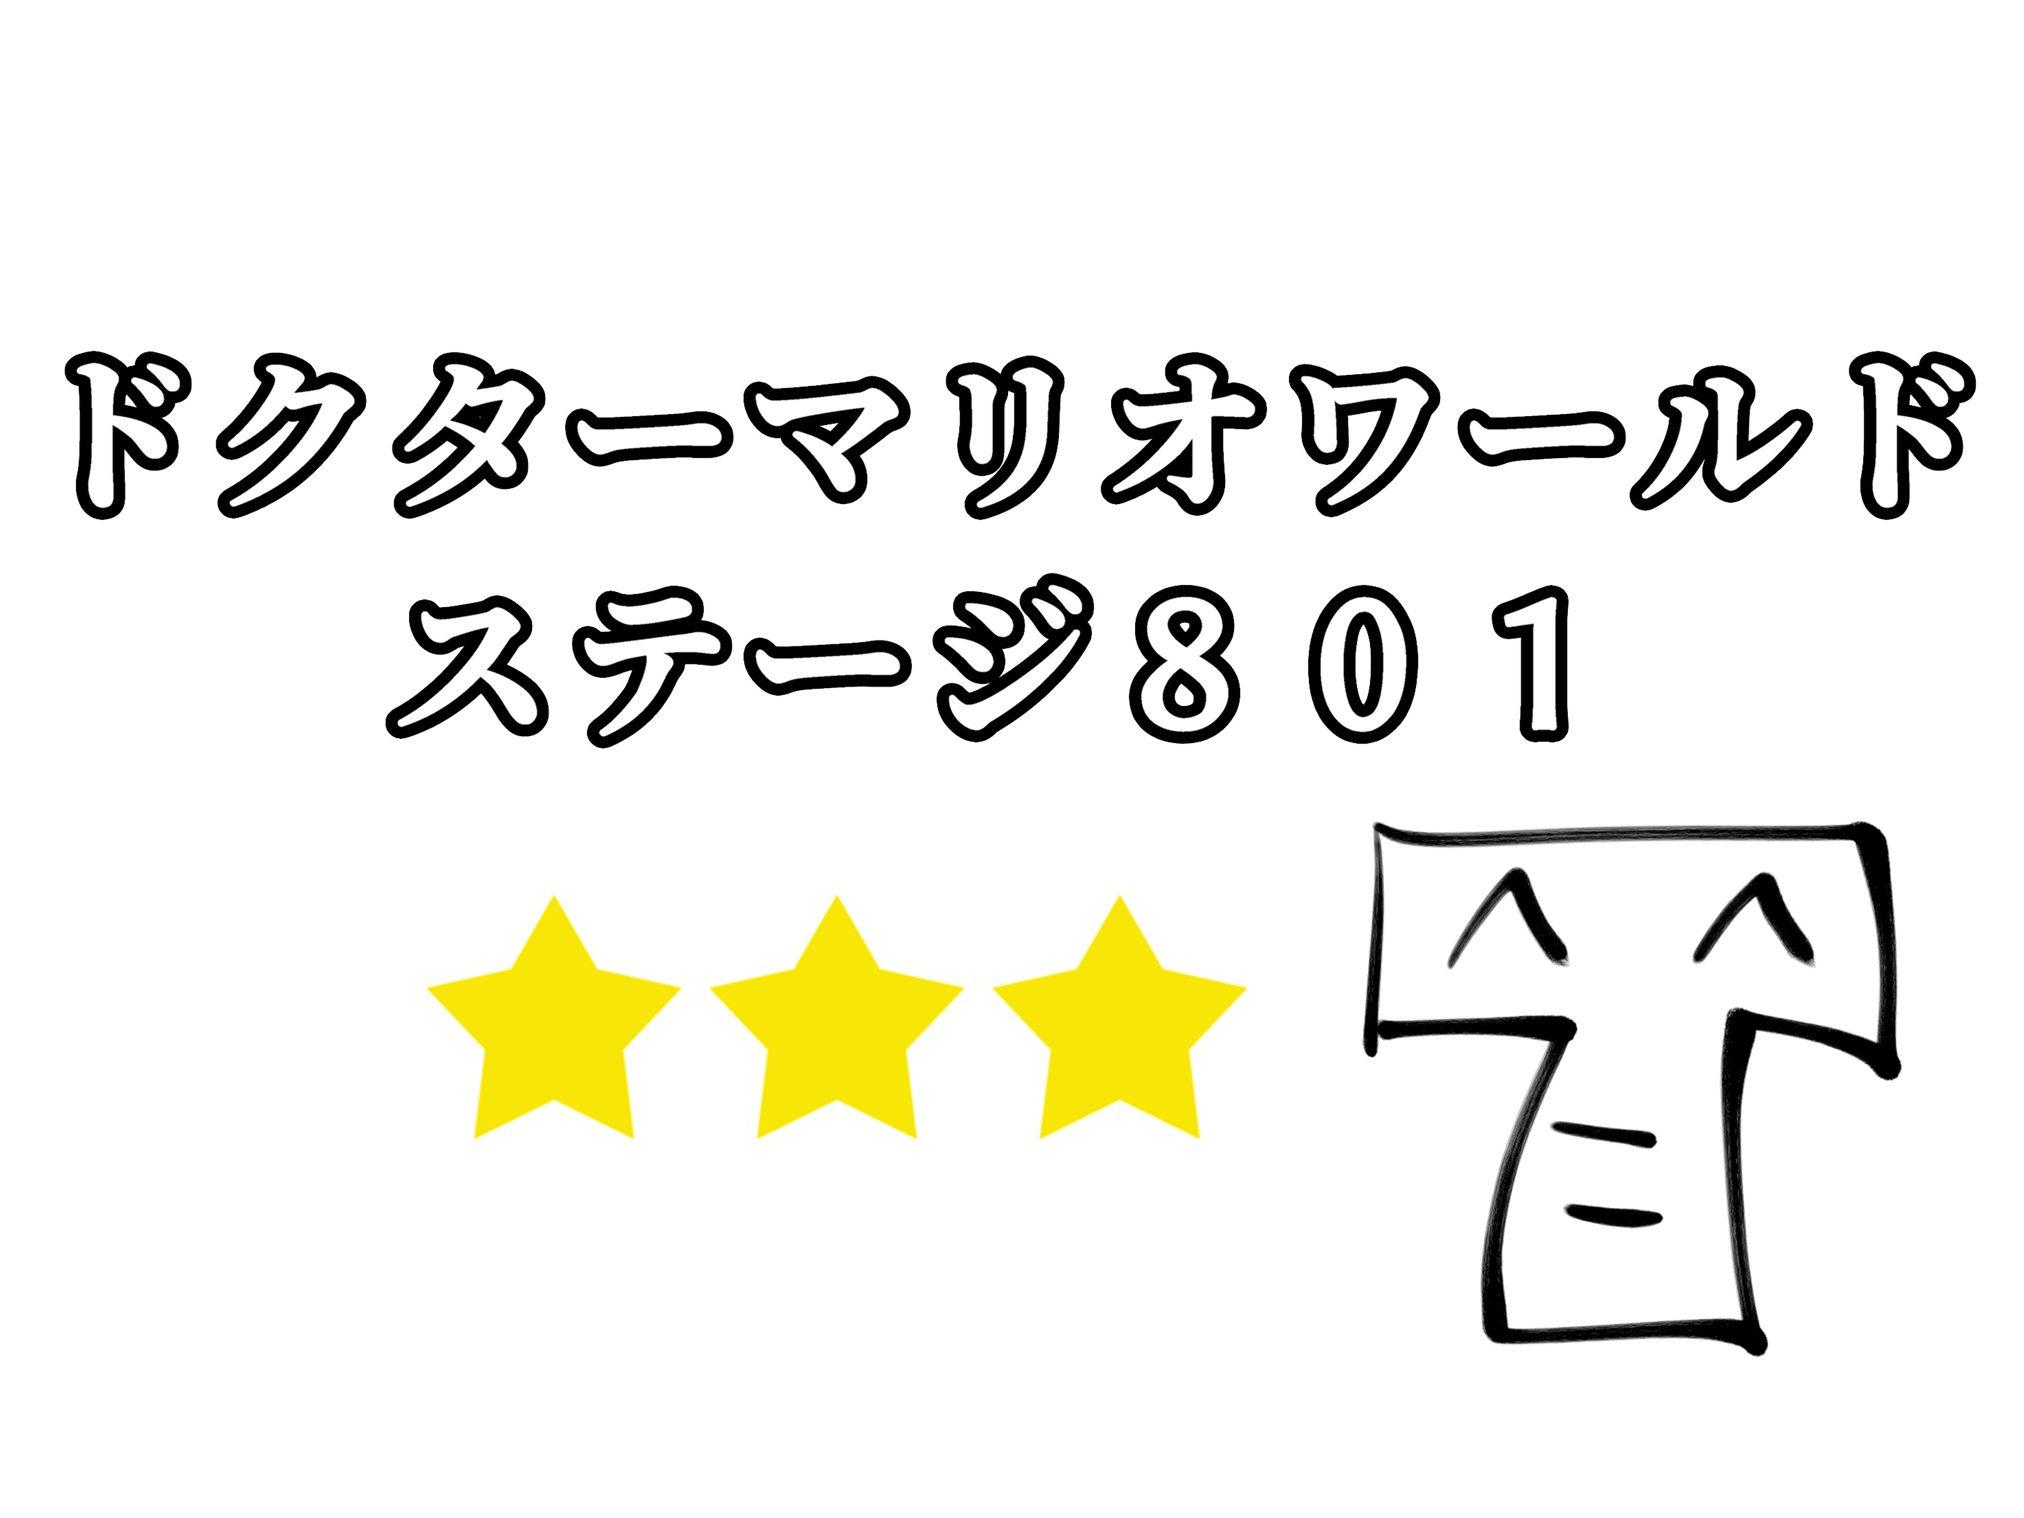 ドクターマリオワールドDr. Mario Worldステージ801ワリオ星3攻略の解説